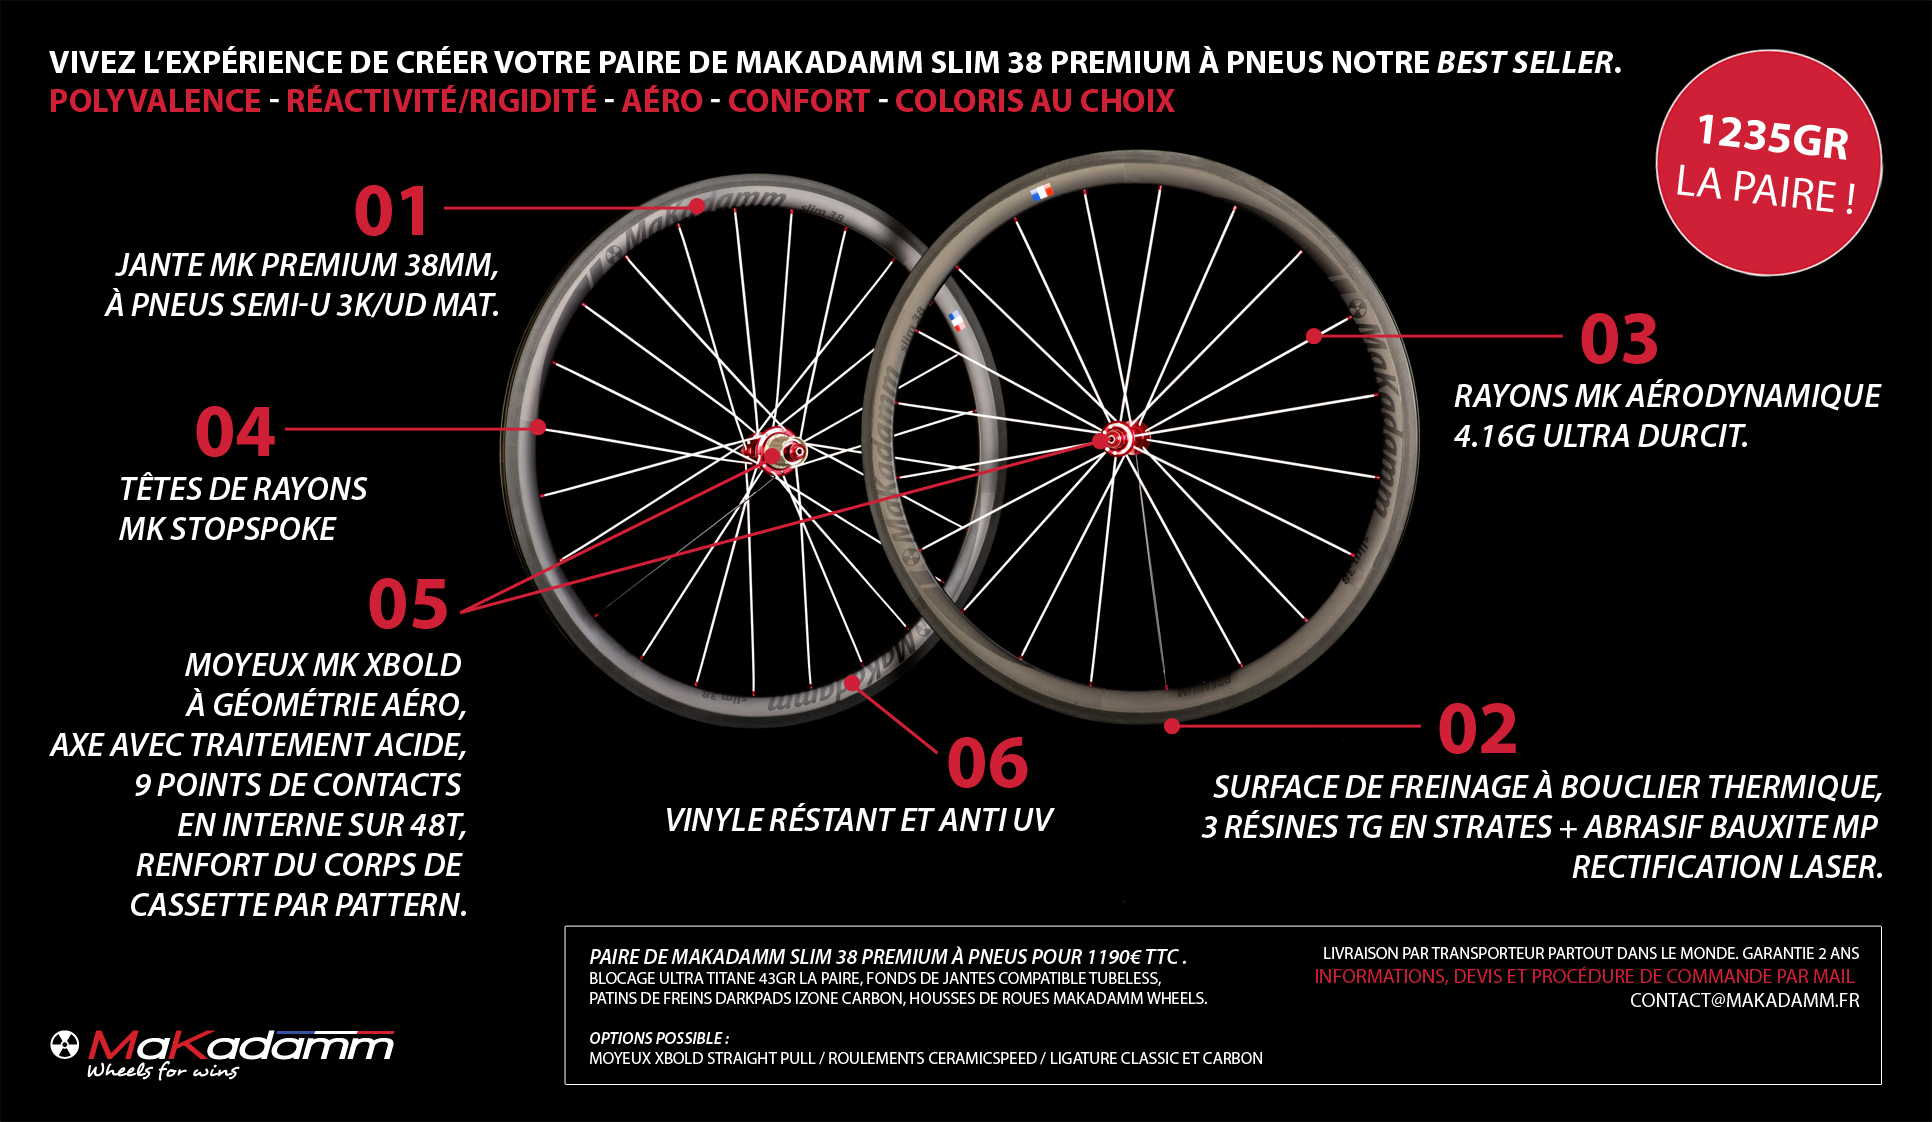 Vivez l'expérience de créer votre paire de Makadamm Slim 38 Premium à pneus